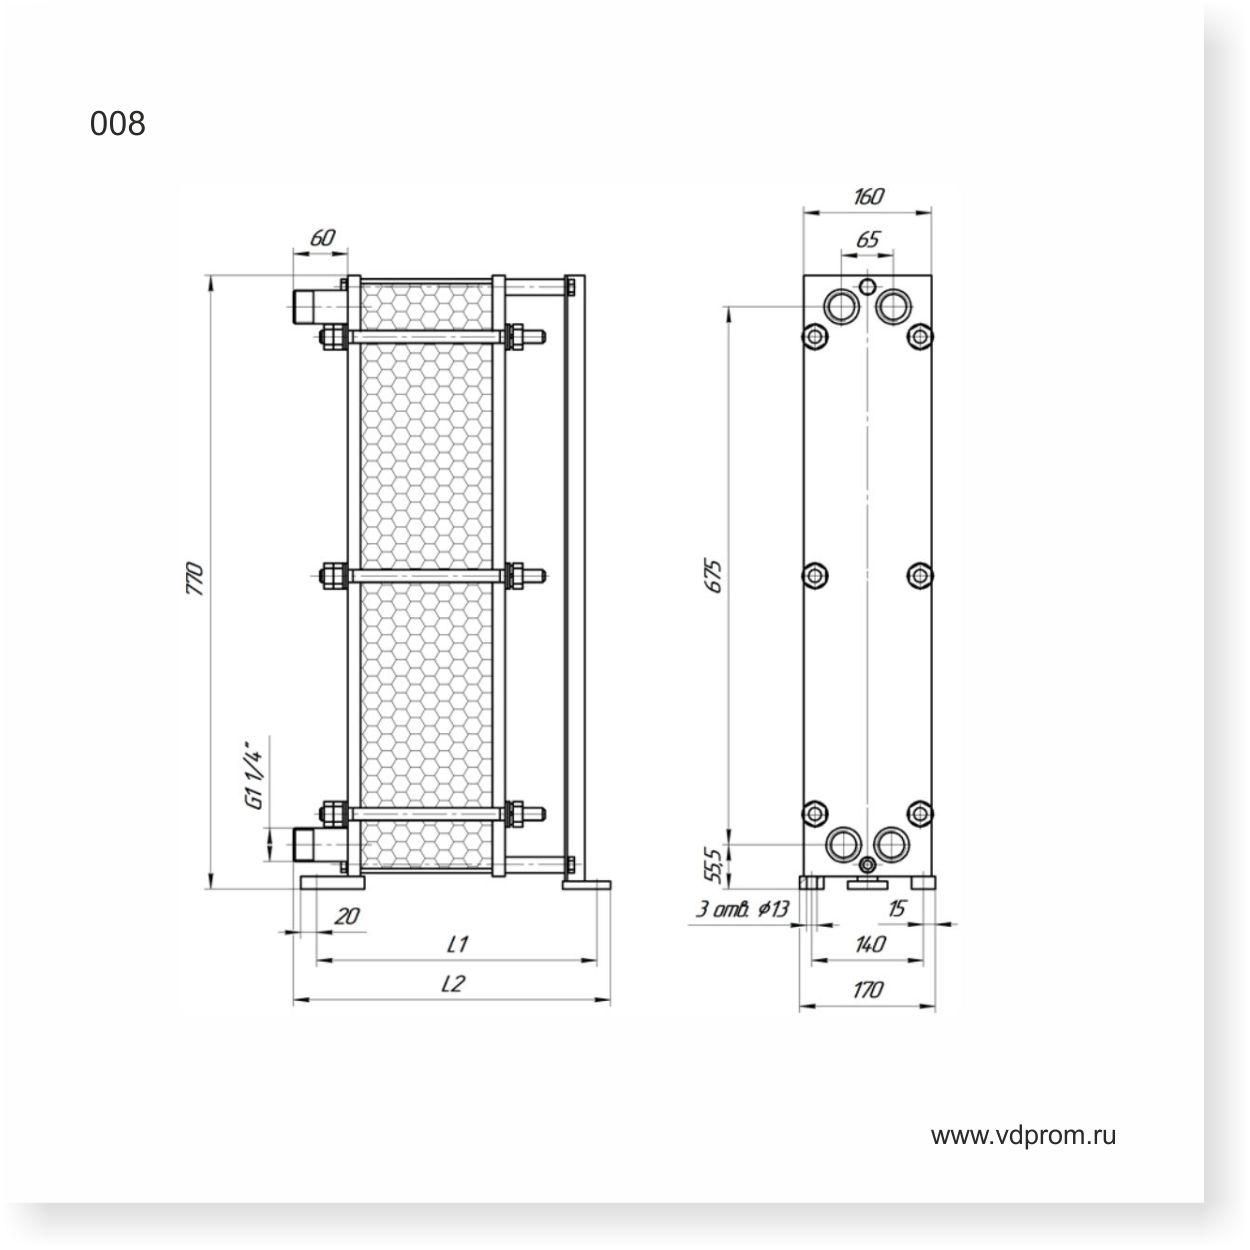 Пластинчатый теплообменник: устройство, виды и принцип действия